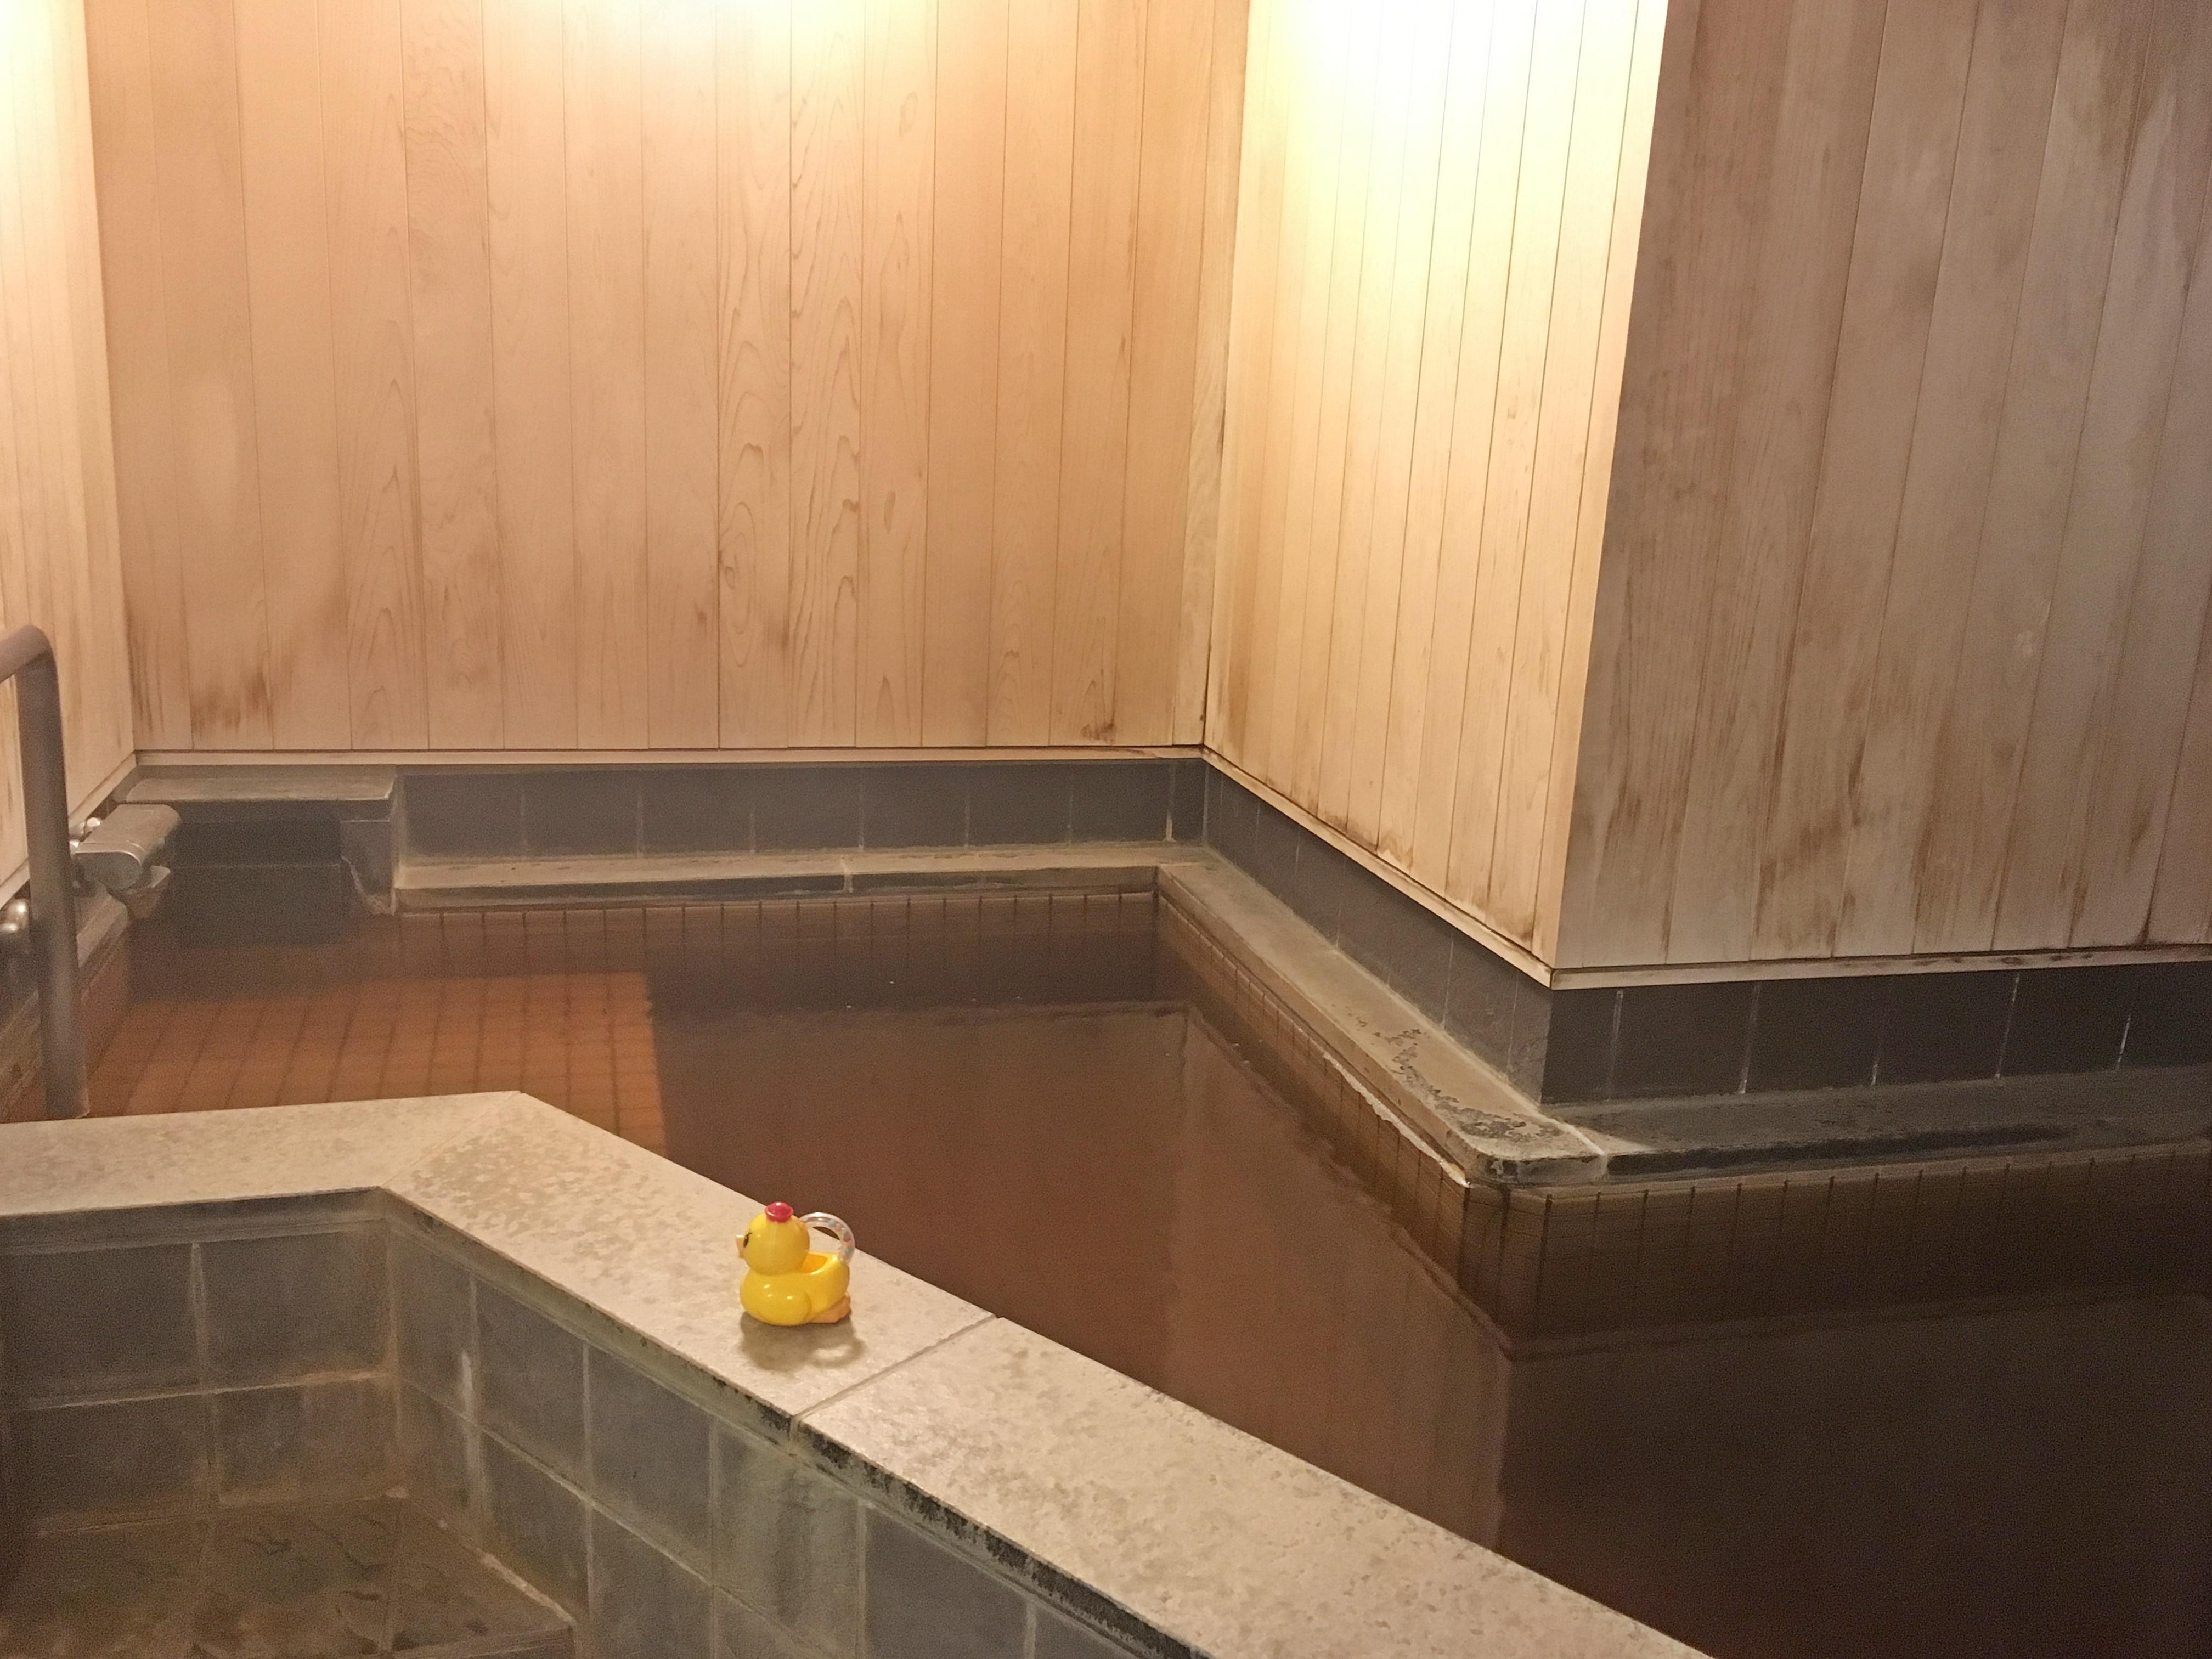 十勝川温泉第一ホテル豆陽亭 客室露天風呂_181108.JPG